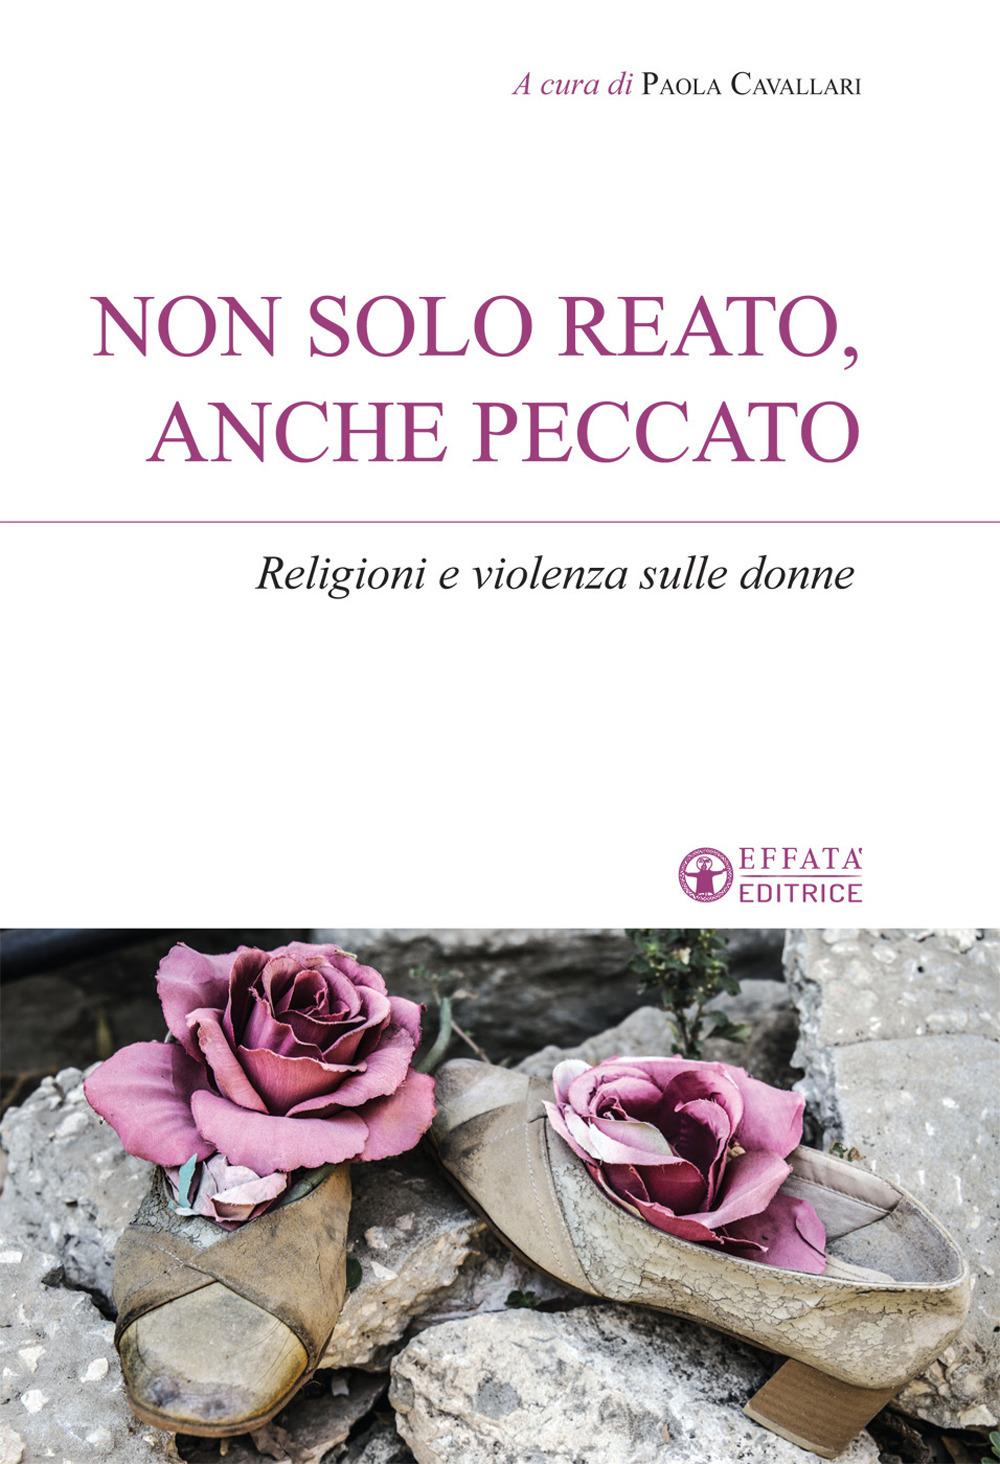 Non solo reato, anche peccato. Religioni e violenza sulle donne